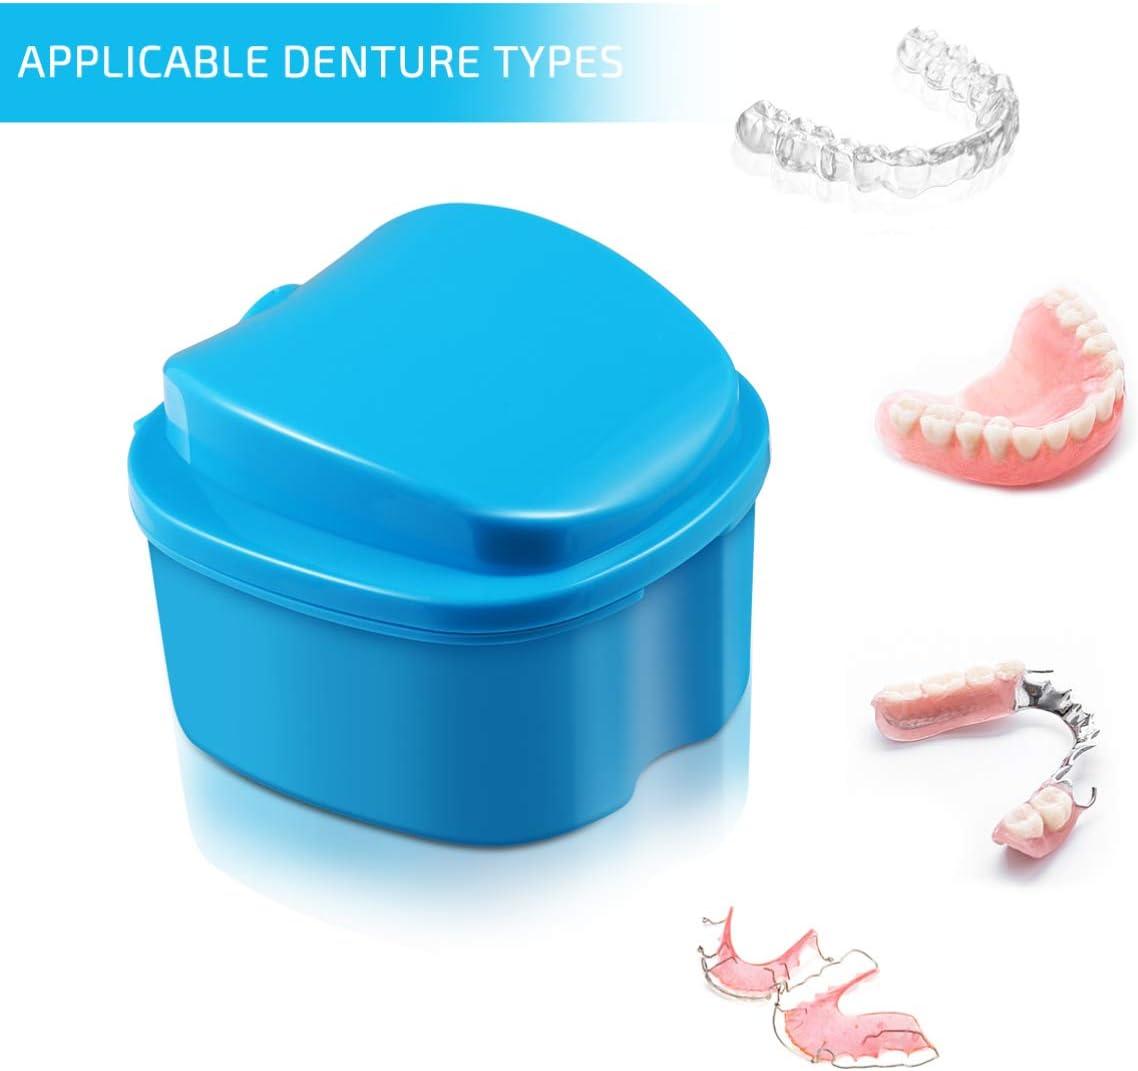 SUPVOX - Caja de dientes para prótesis dental, protección de dientes falsos con filtro azul cielo, color azul: Amazon.es: Salud y cuidado personal